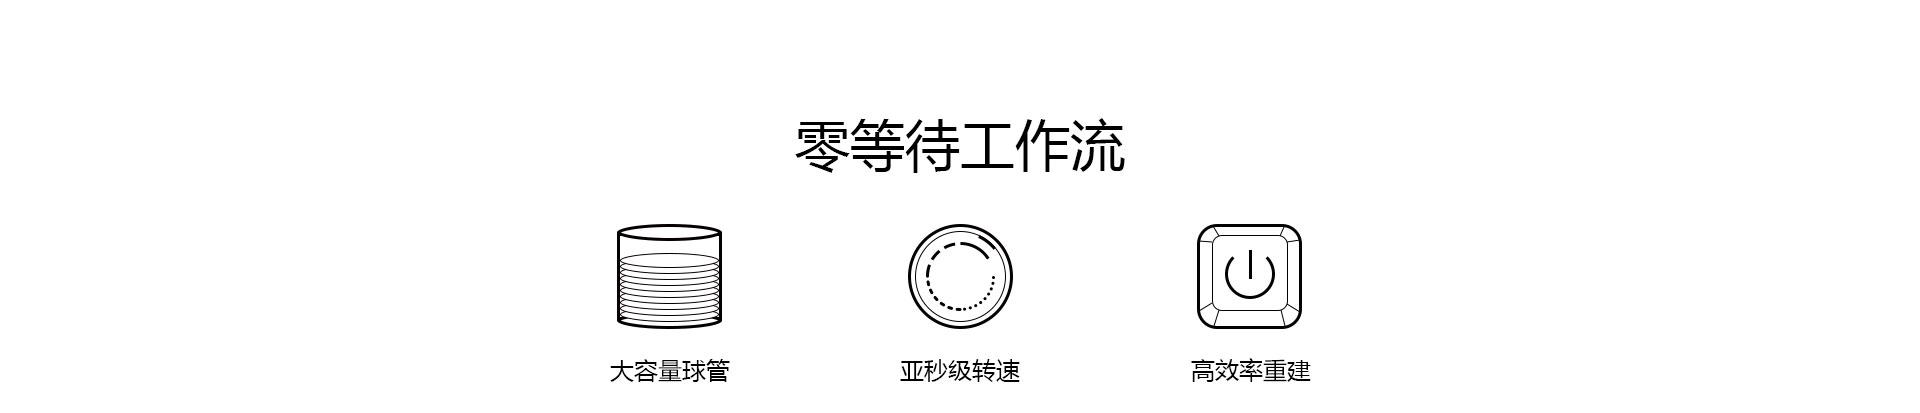 004_05.jpg